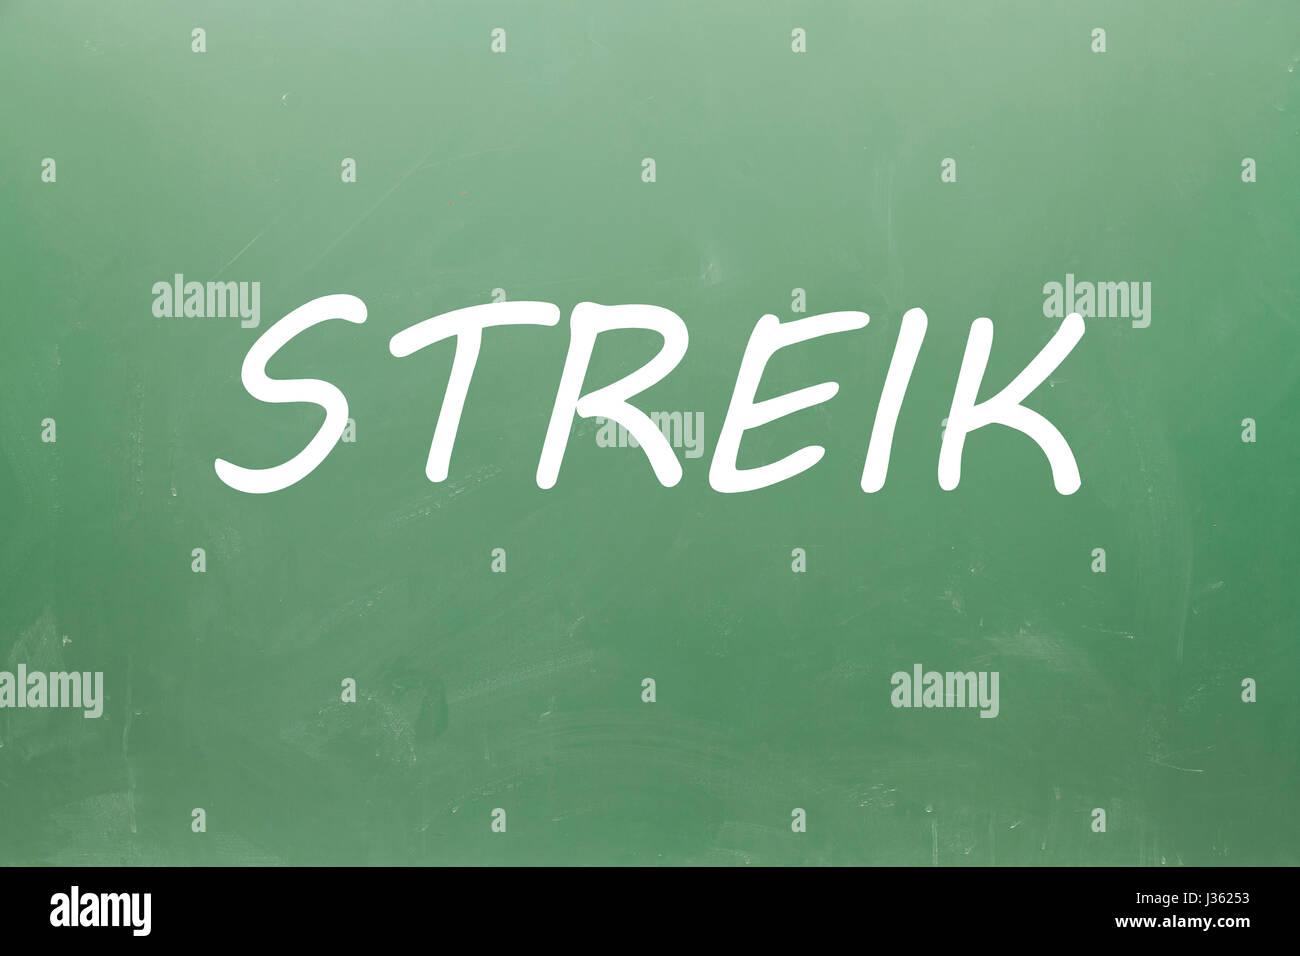 Streike (strike in german) written on blackboard Stock Photo